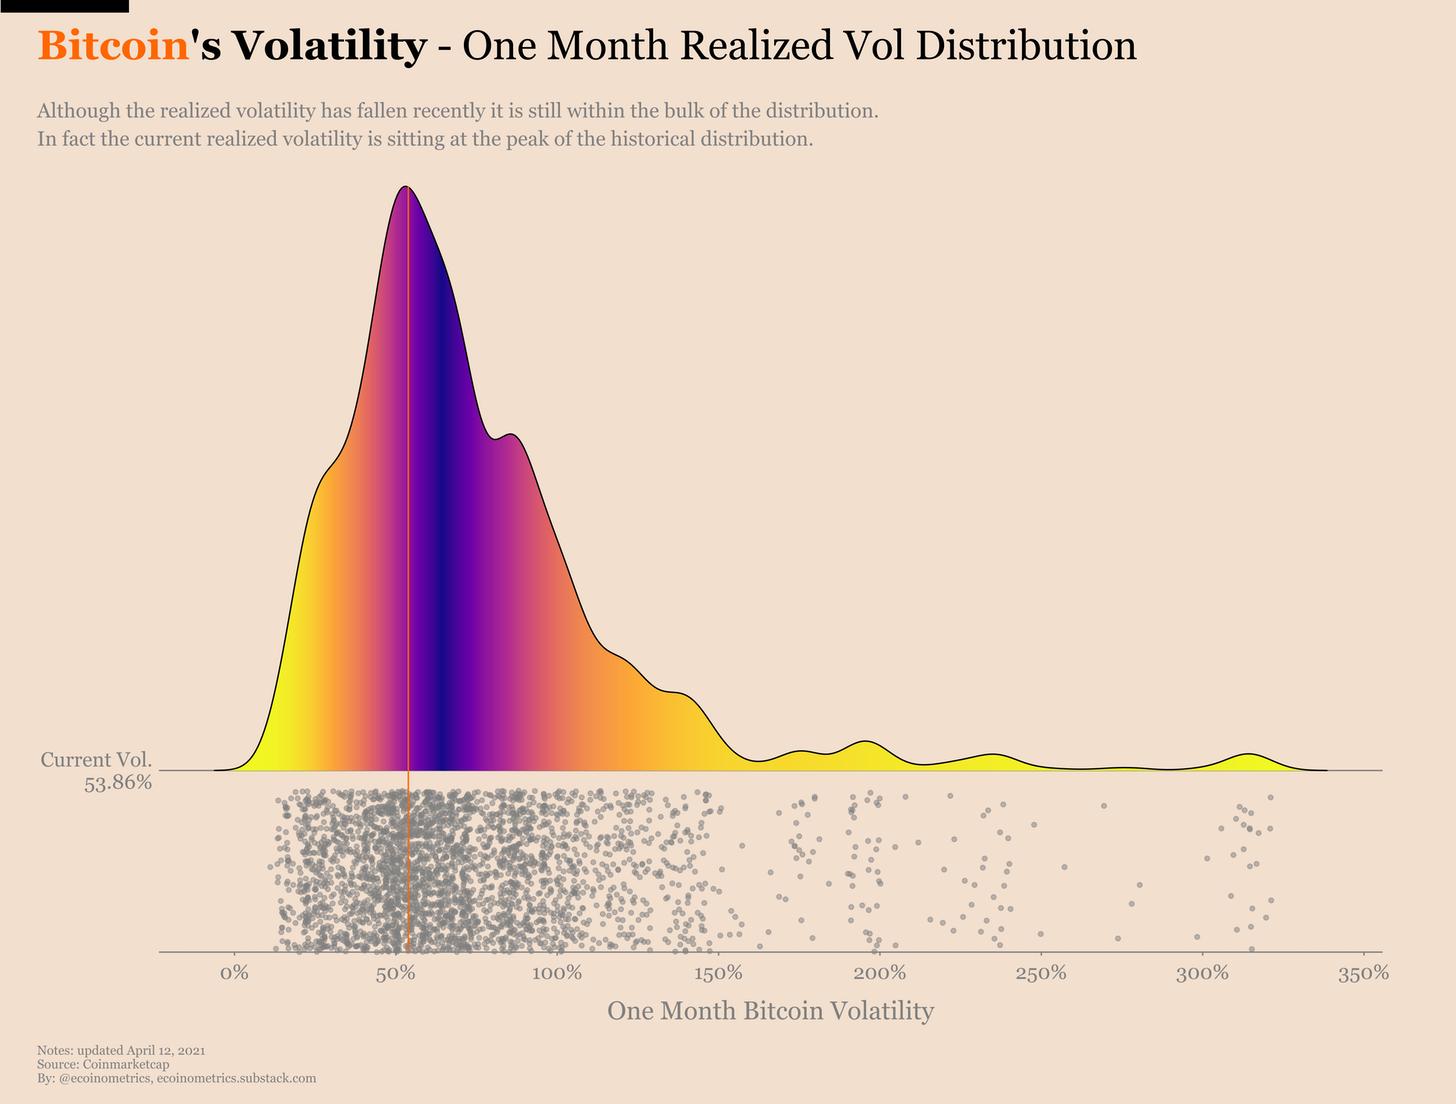 Volatilidade mensal do bitcoin